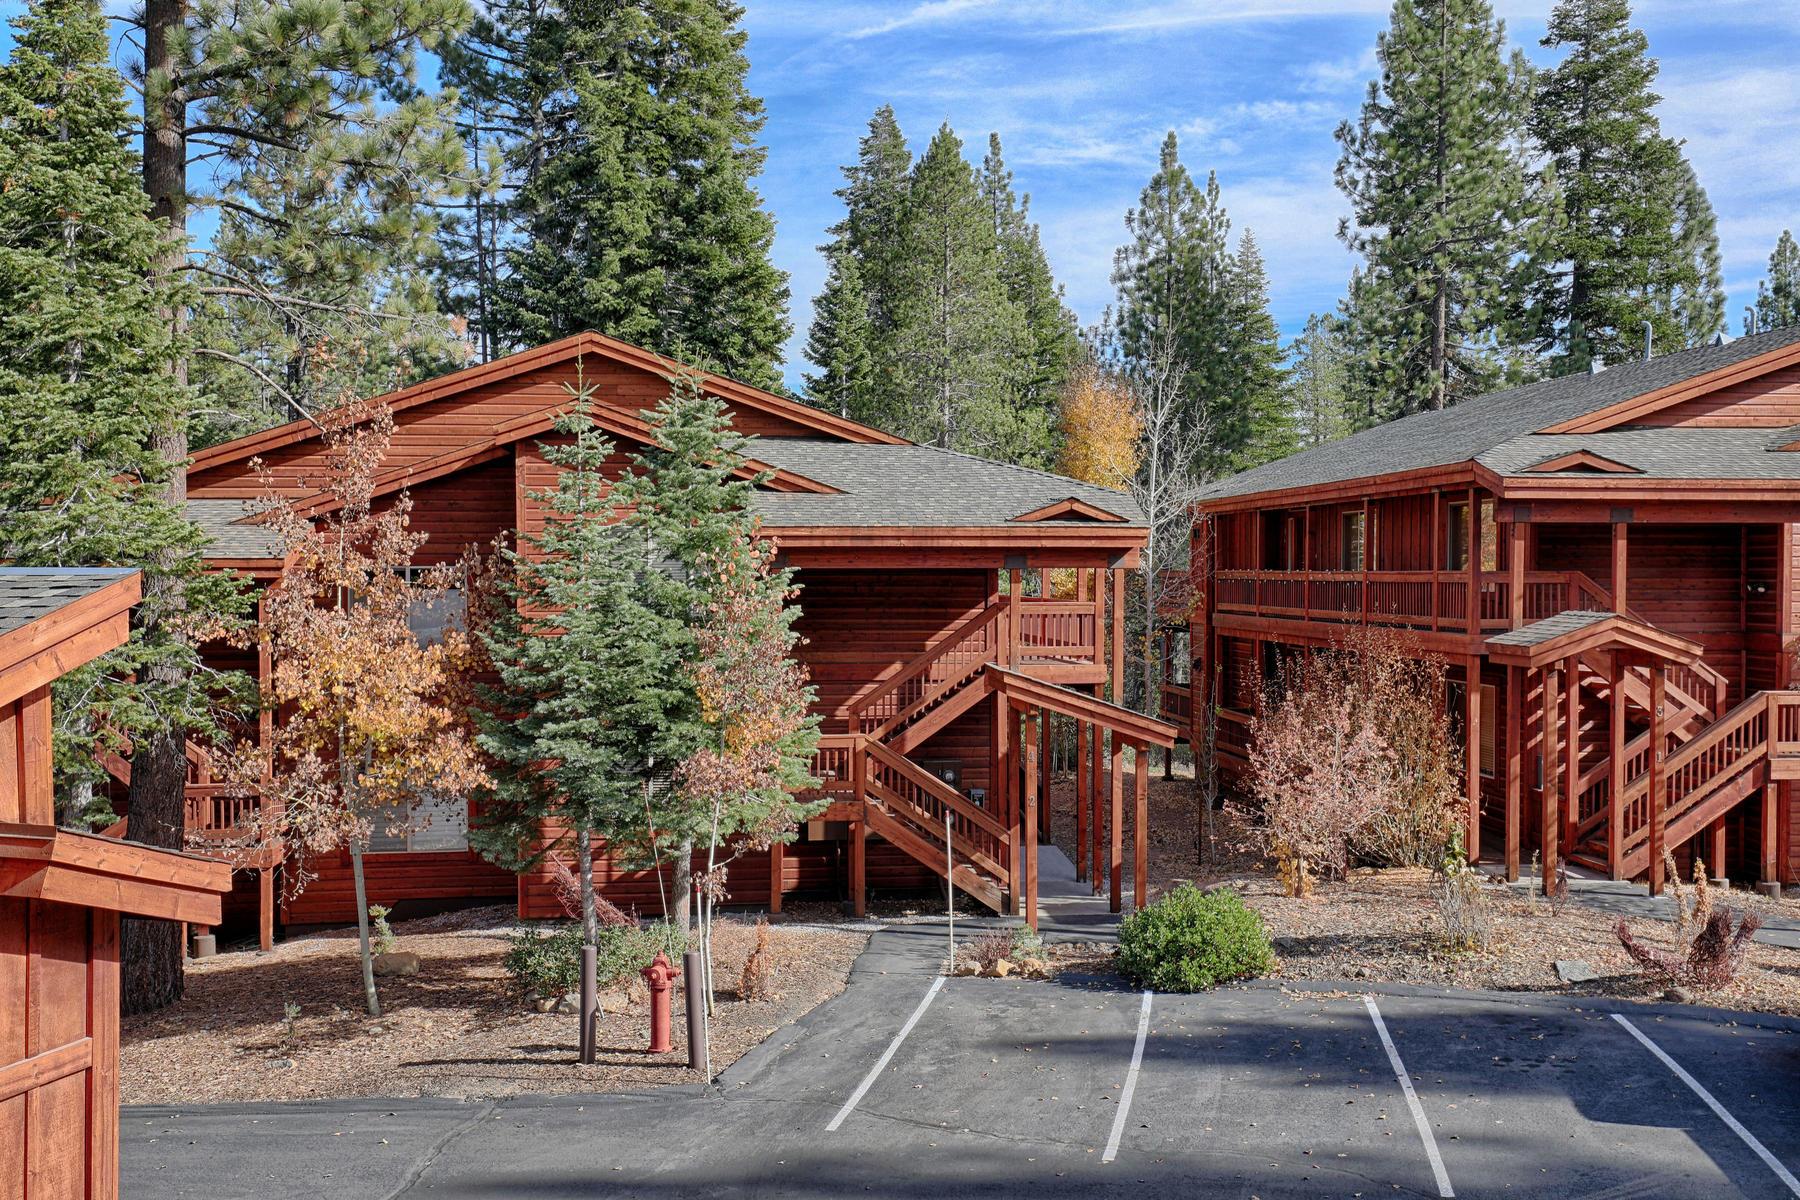 共管式独立产权公寓 为 销售 在 12719 Hidden Circle #2, Truckee, Ca 96161 12719 Hidden Circle #2 特拉基, 加利福尼亚州 96161 美国